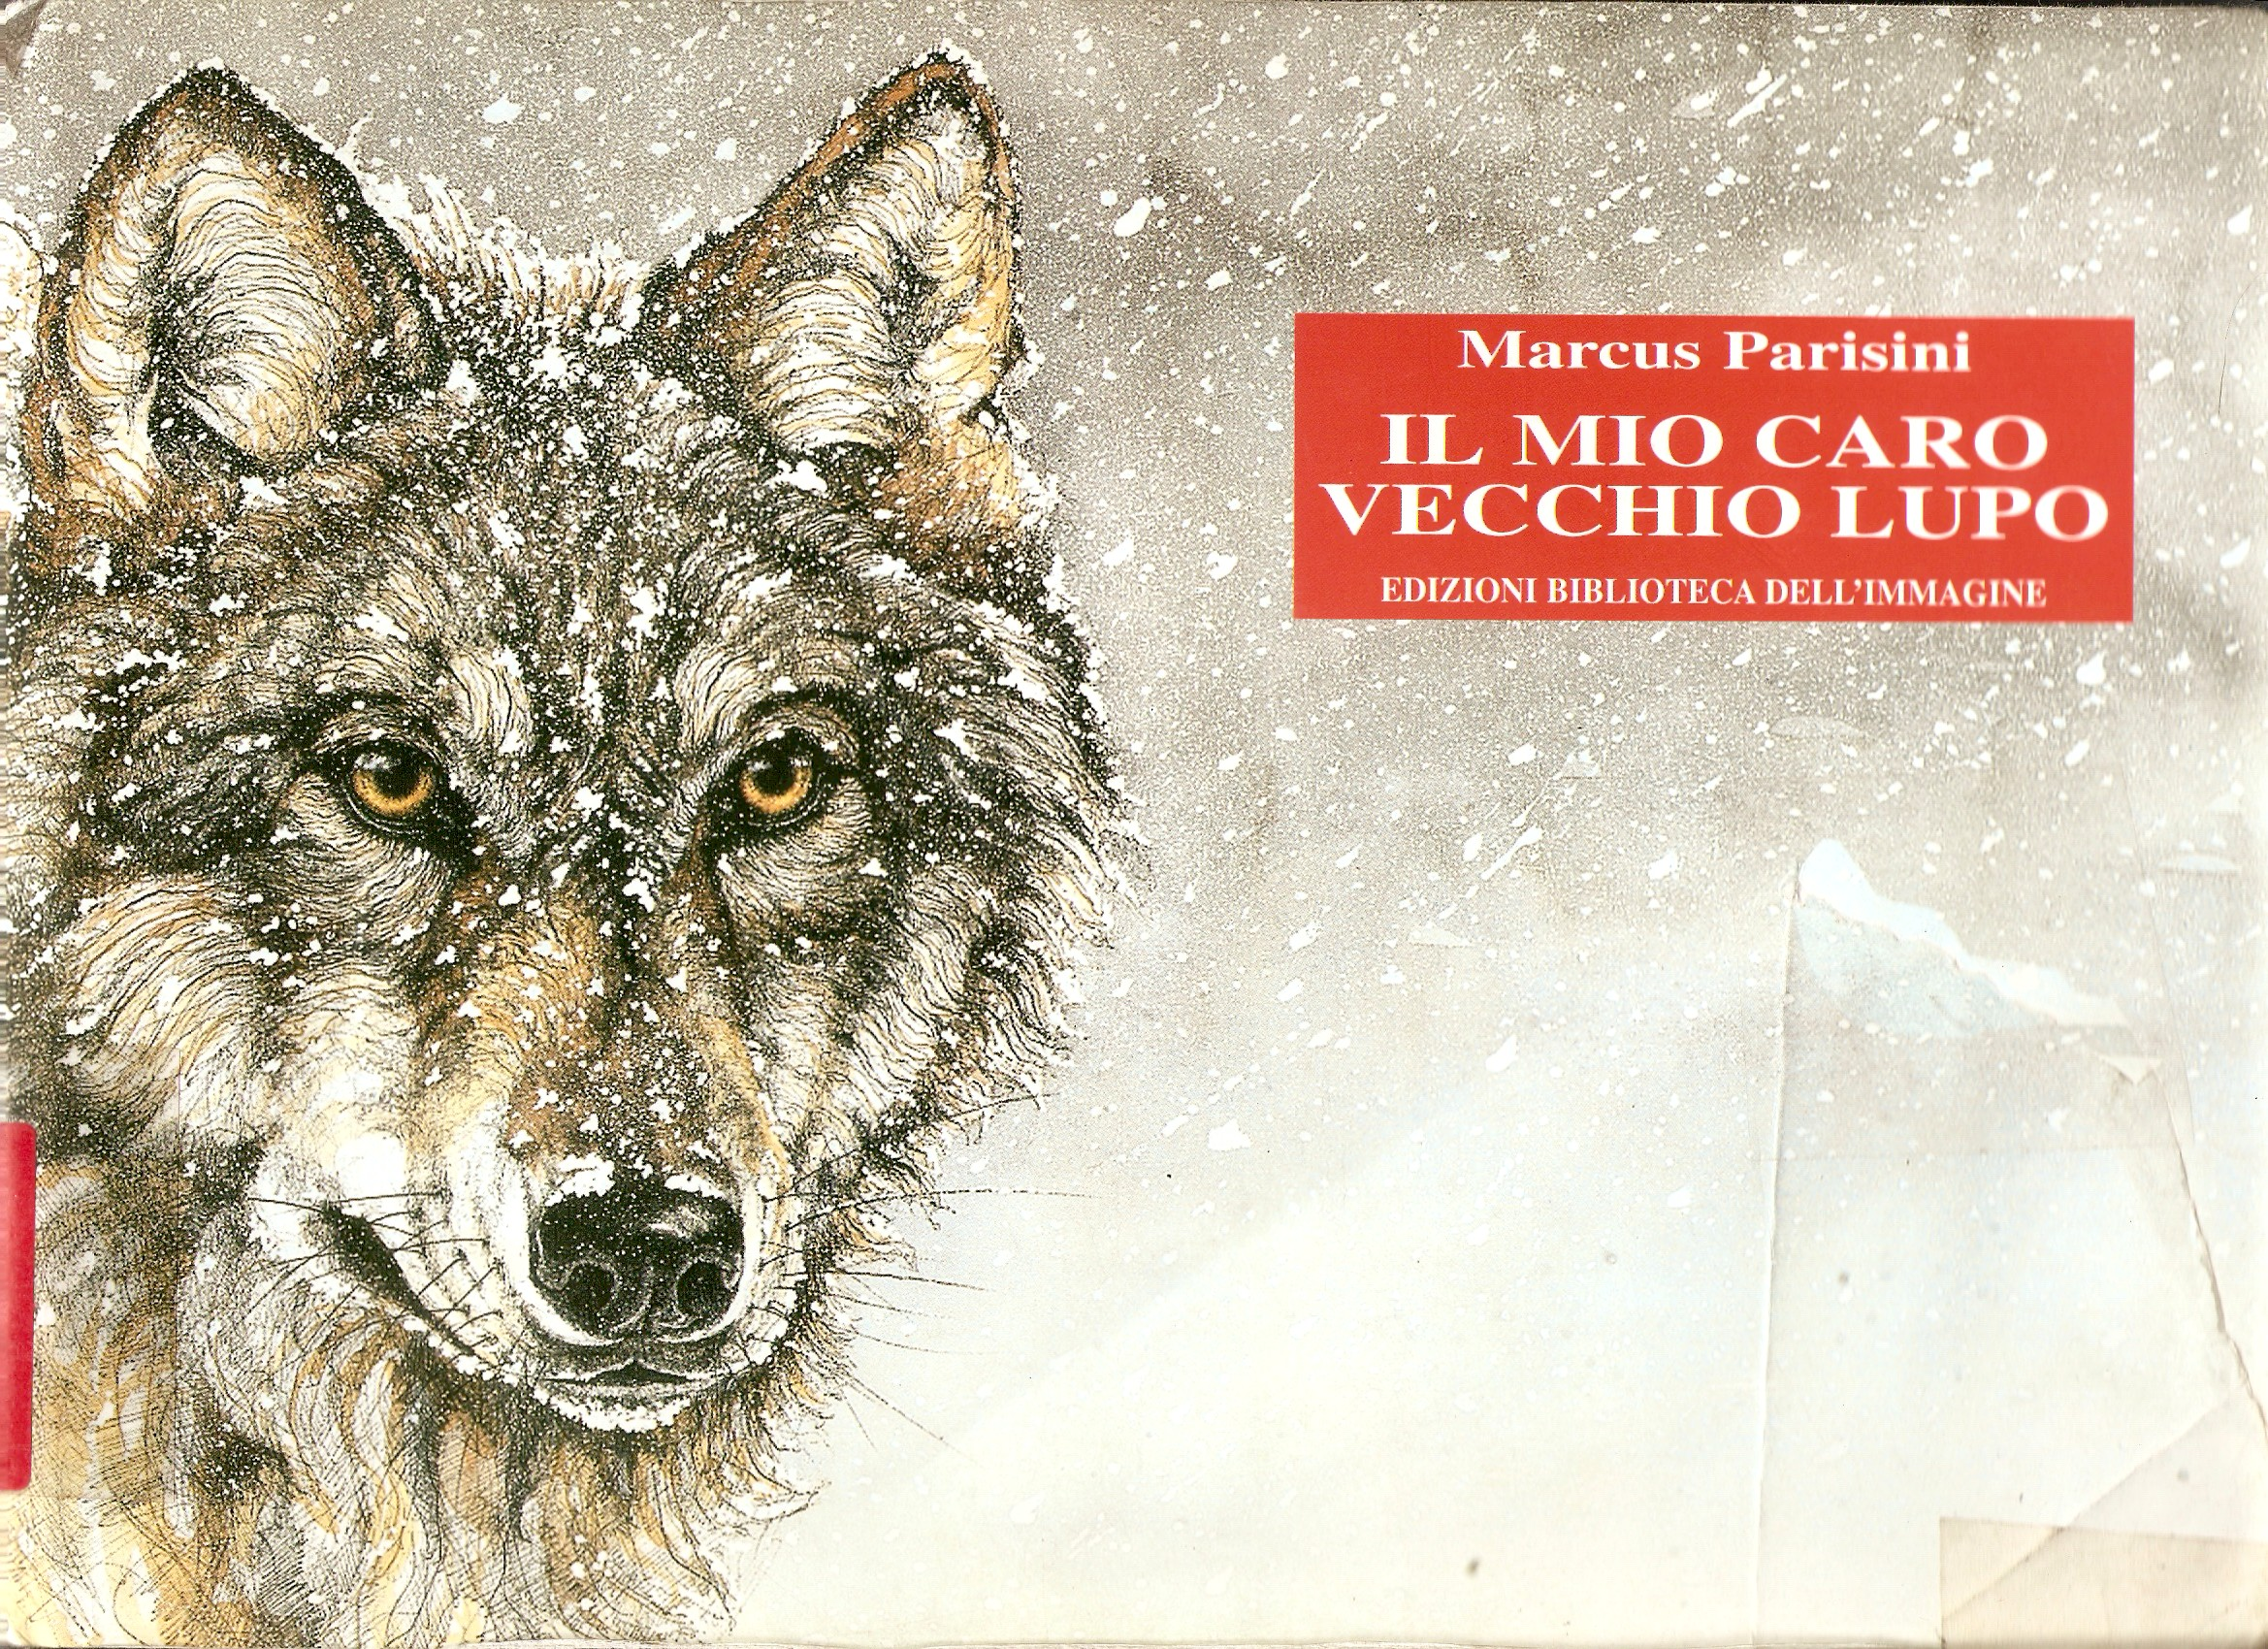 Il mio caro vecchio lupo